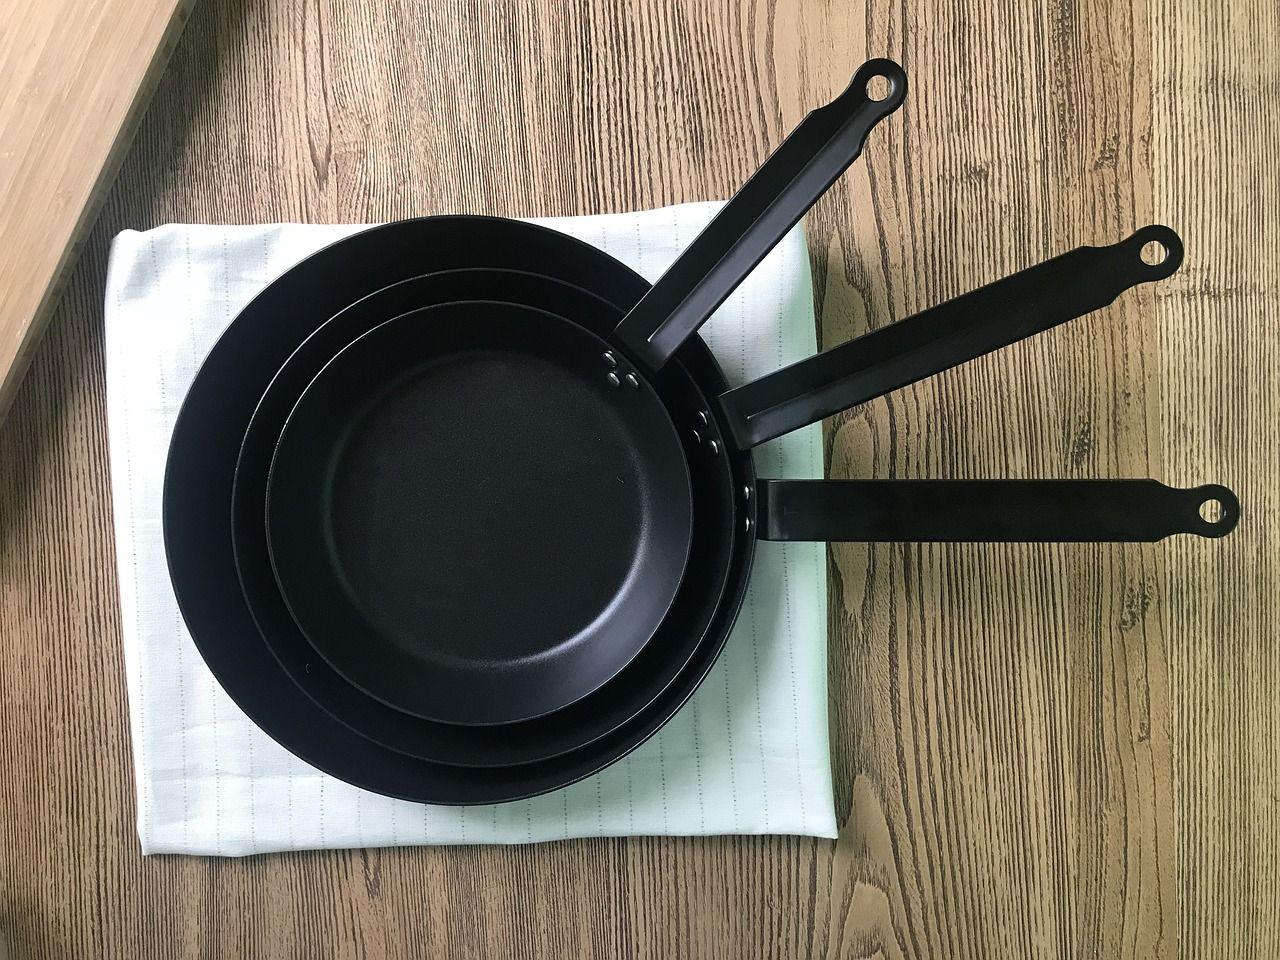 Cómo limpiar la parte de abajo de ollas y sartenes